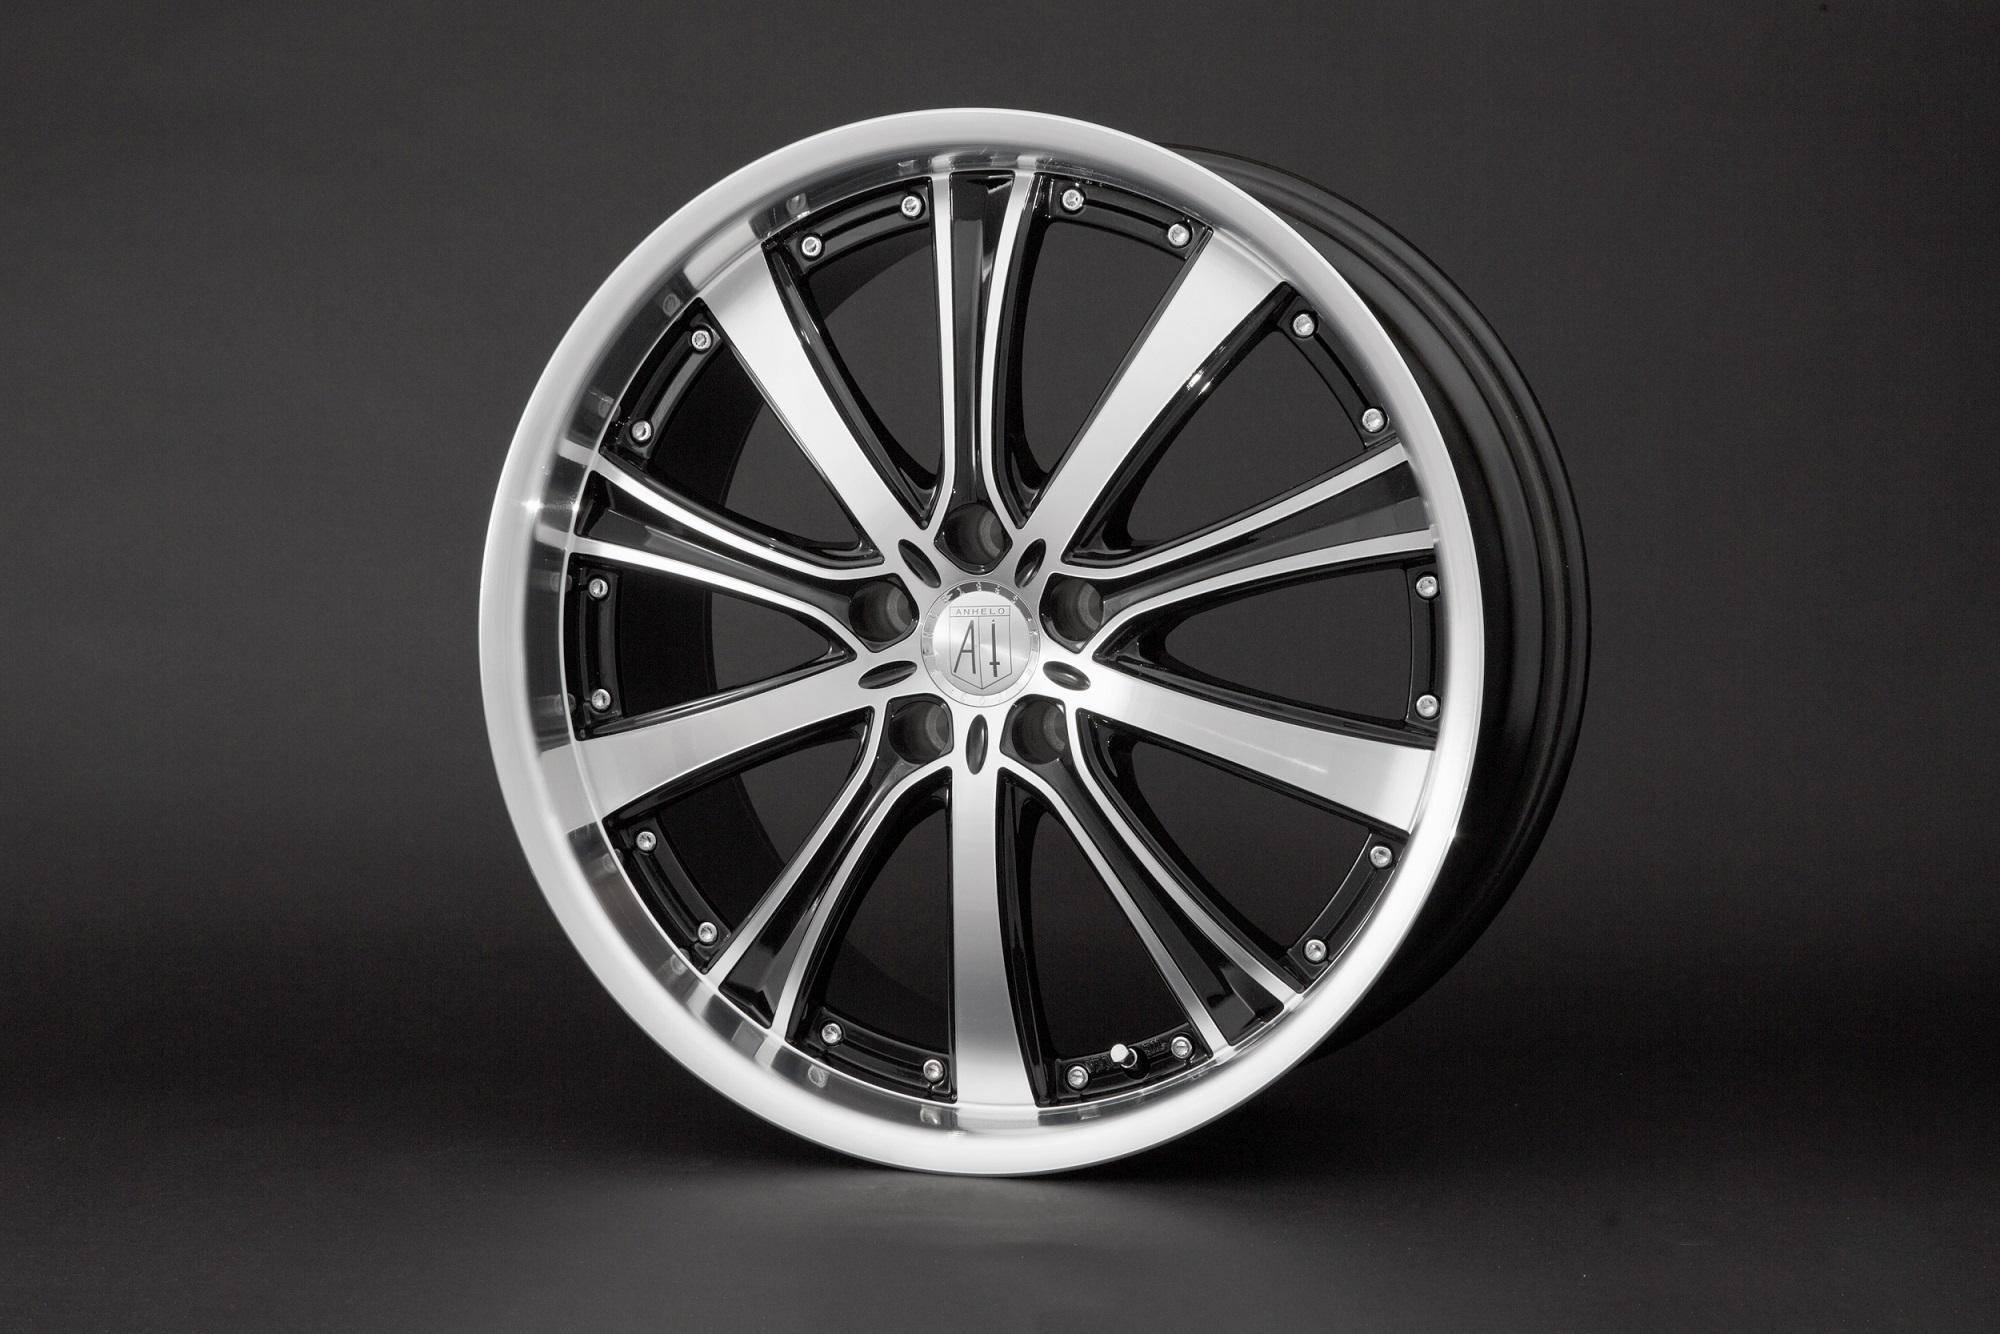 40%OFFの激安セール 新品タイヤホイールセット 数量限定 19インチ ミニバン SUV 225 5H114.3 40R19 サマータイヤホイールセット 4年保証 ラーヴィ 7.5J+48